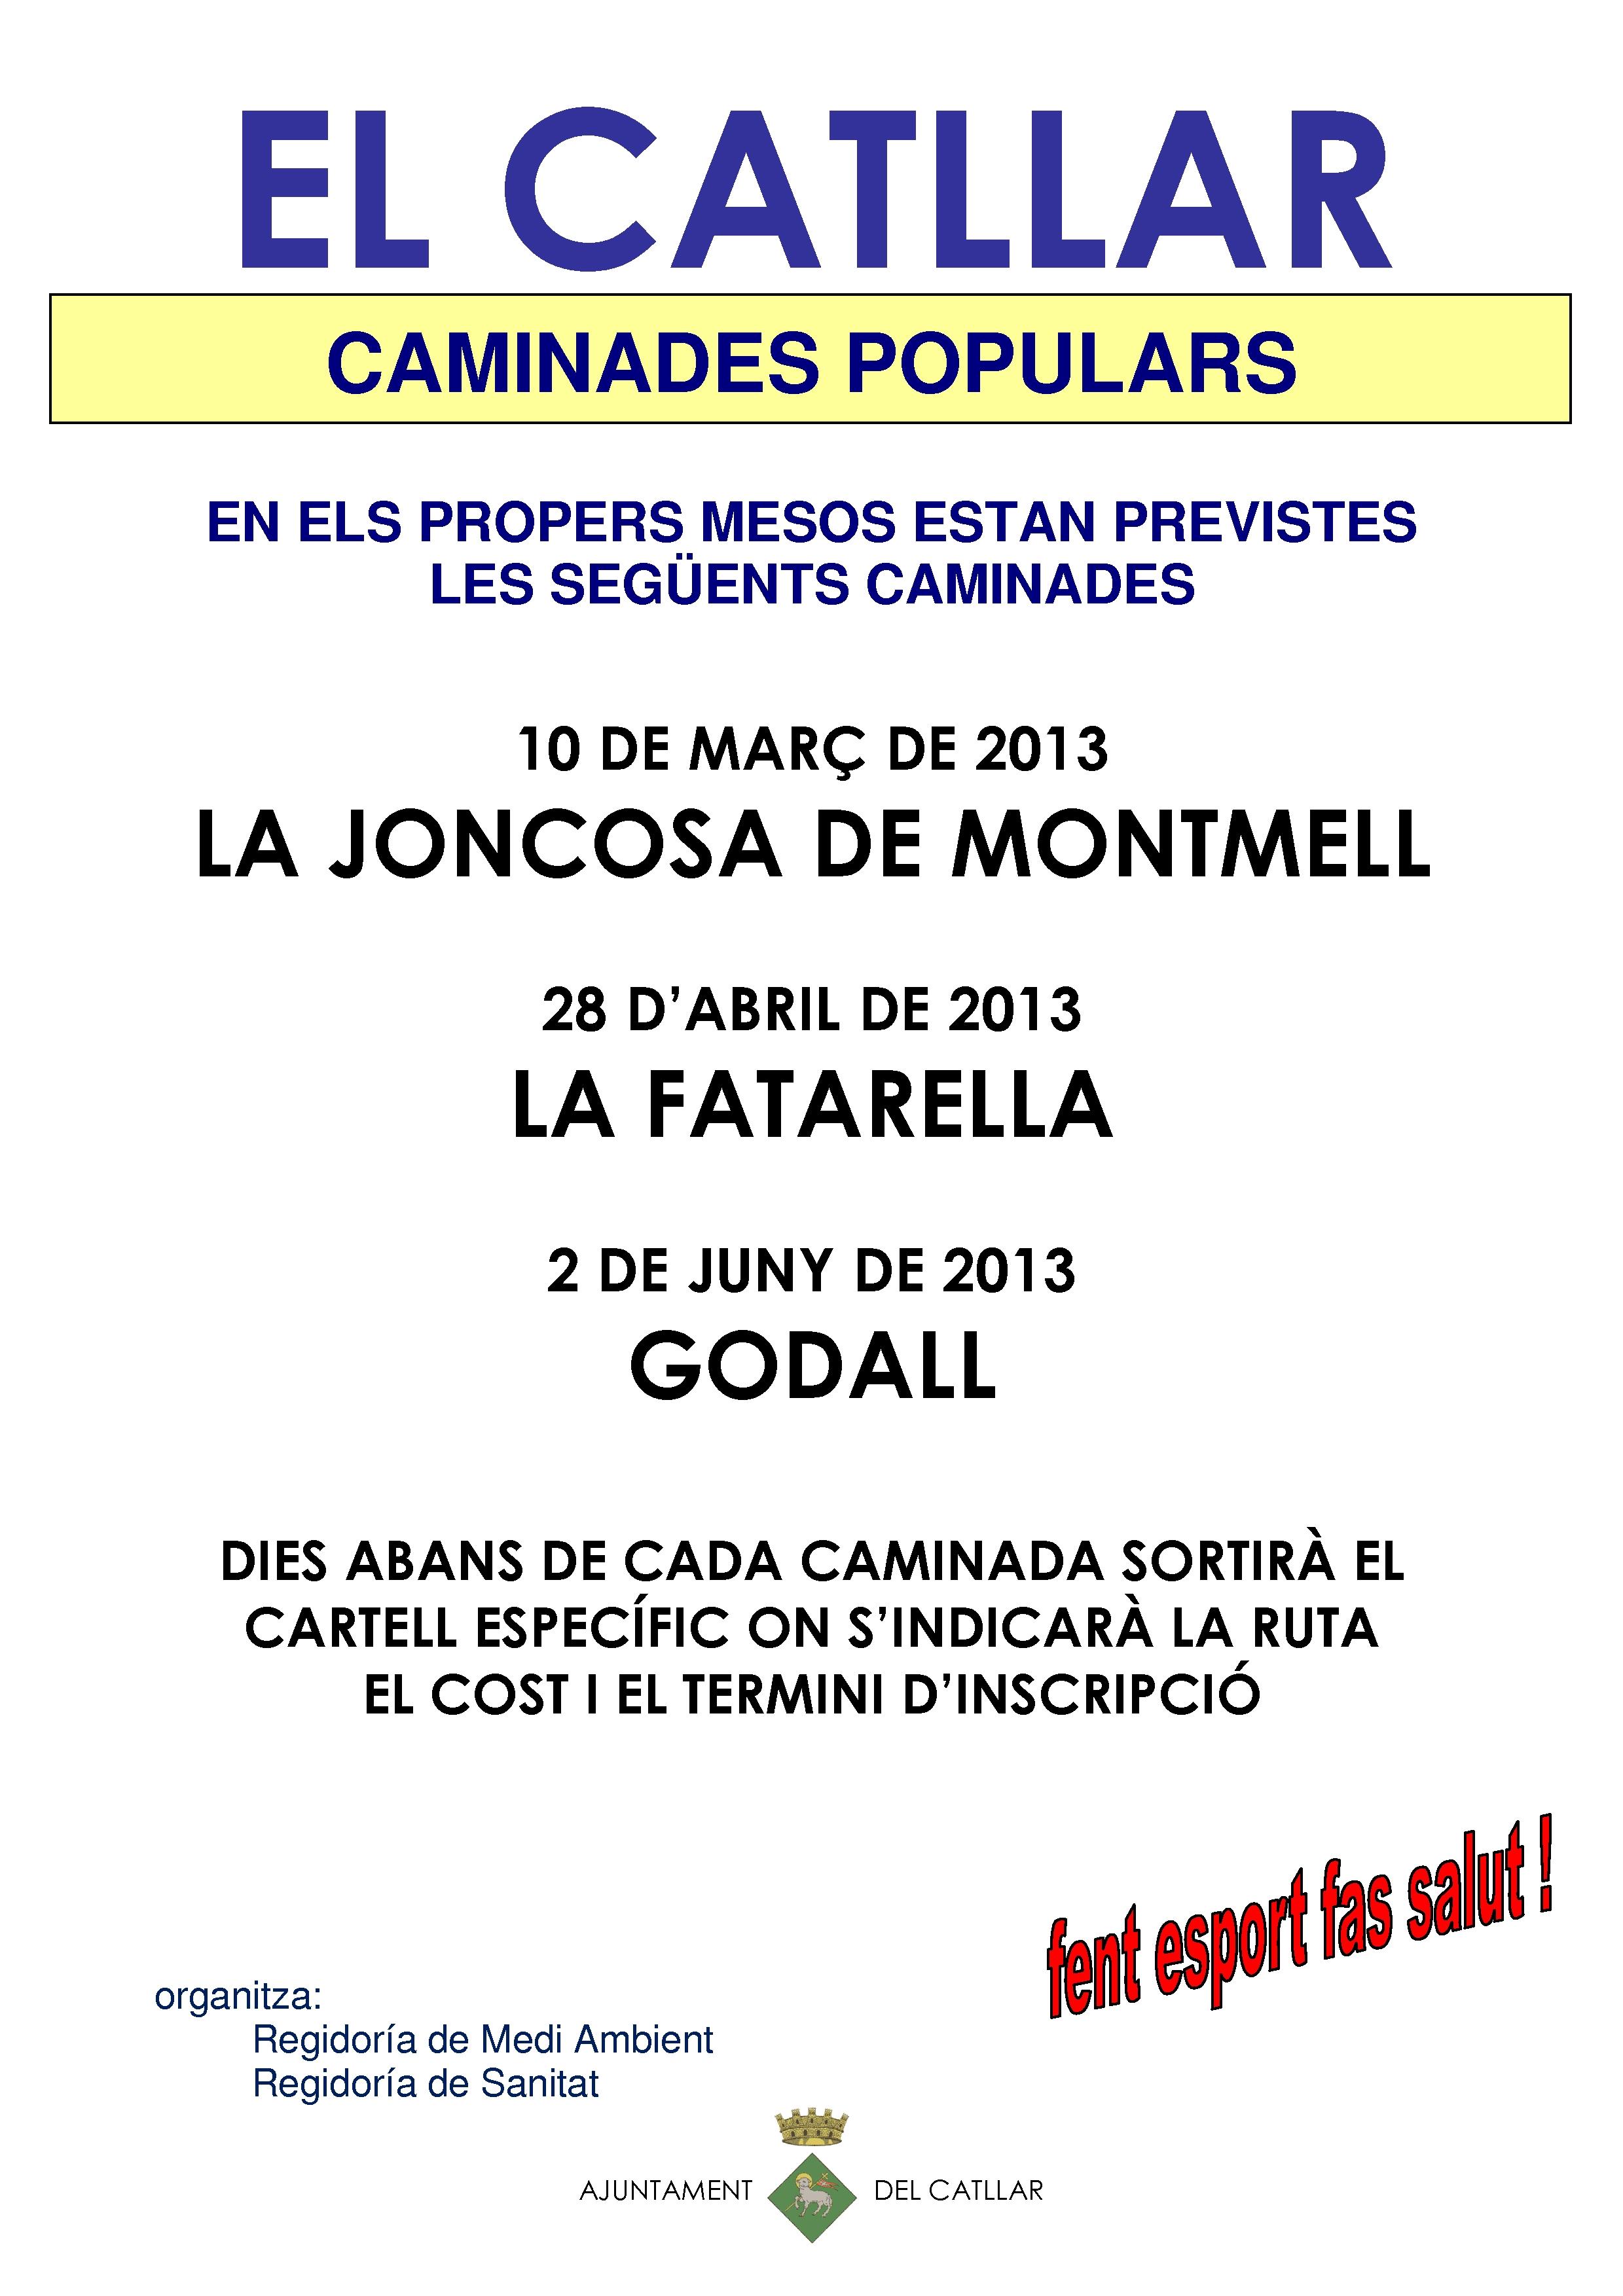 CAMINATAS POPULARES PREVISTAS